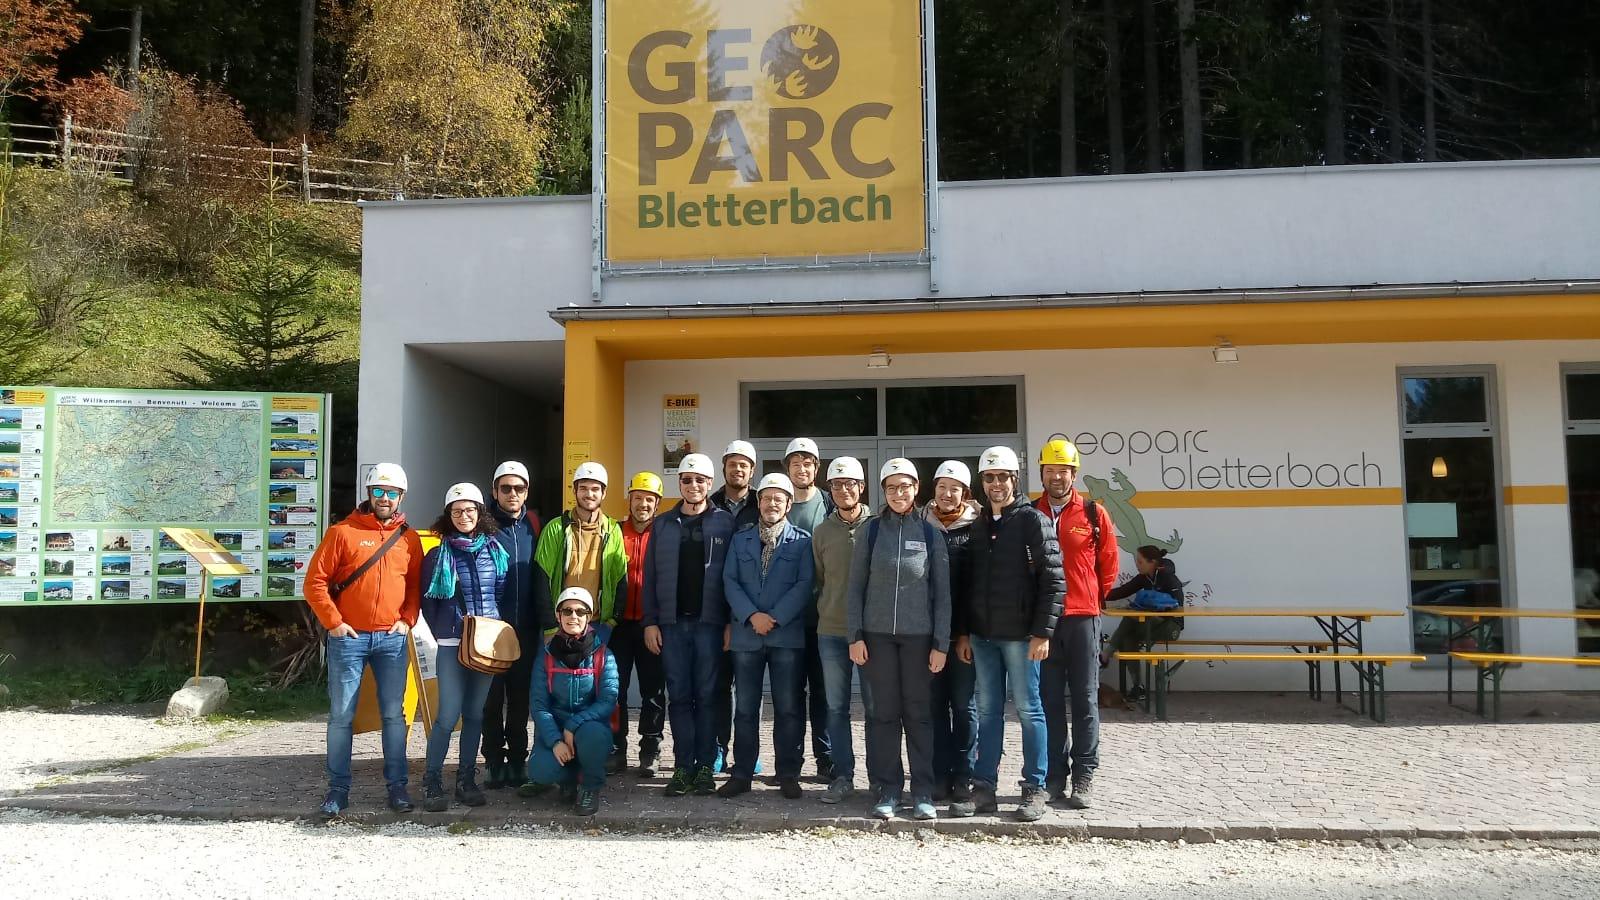 BLETTERBACH-DOLOMITI-UNESCO-GATE